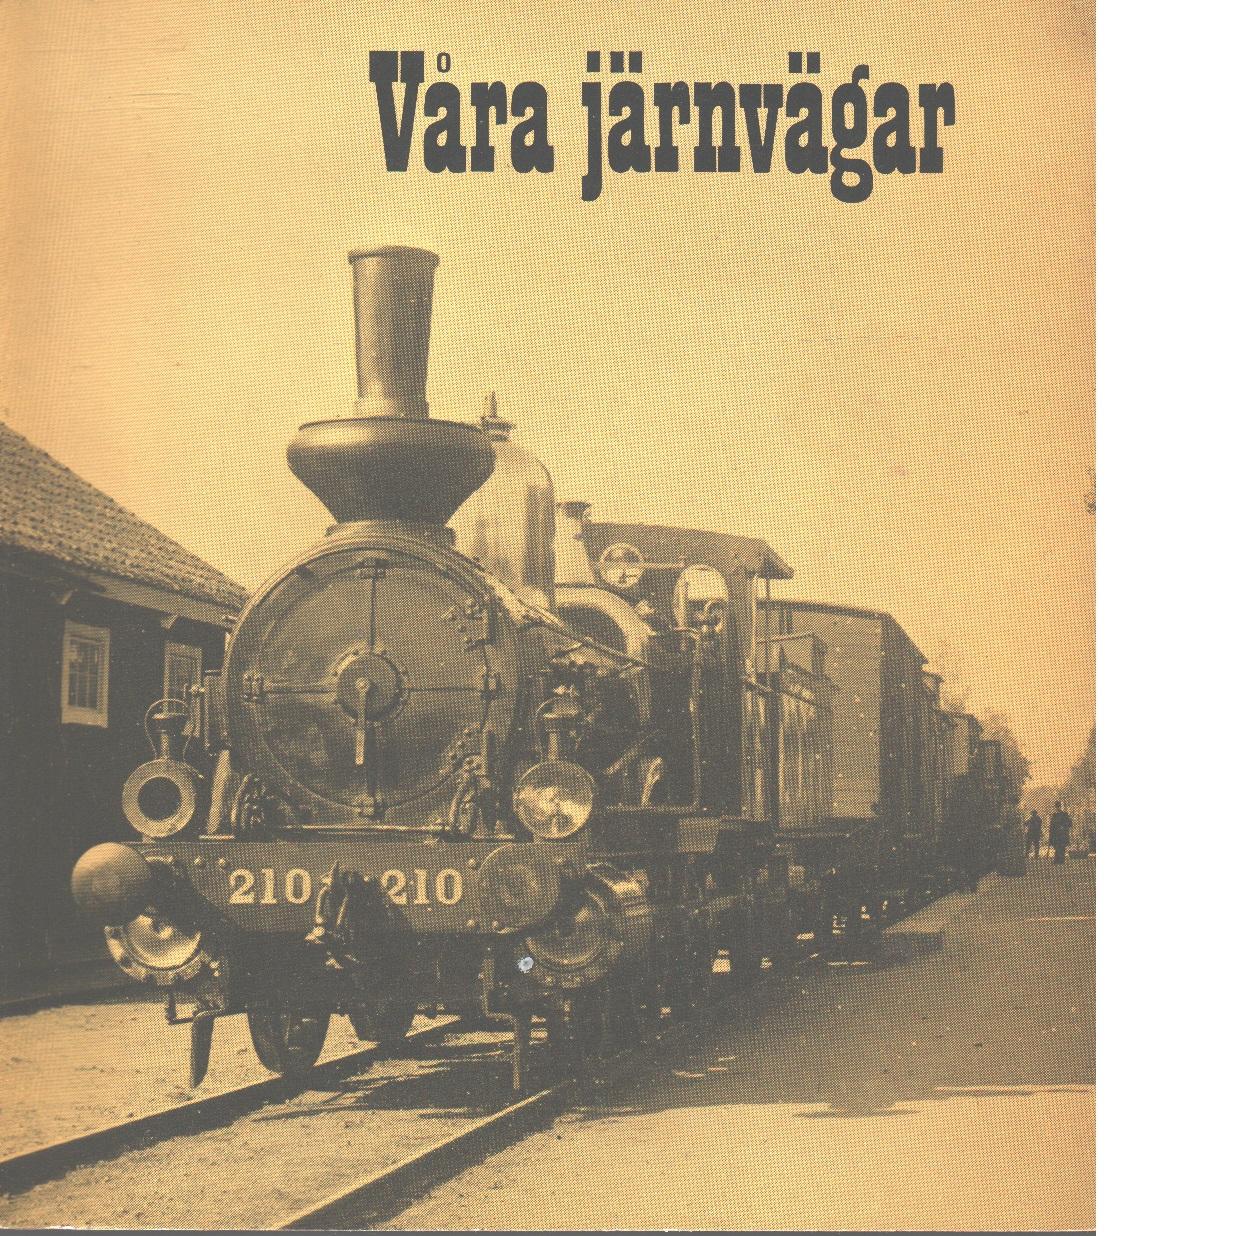 Våra järnvägar : en historik - Alrenius, Carl-axel